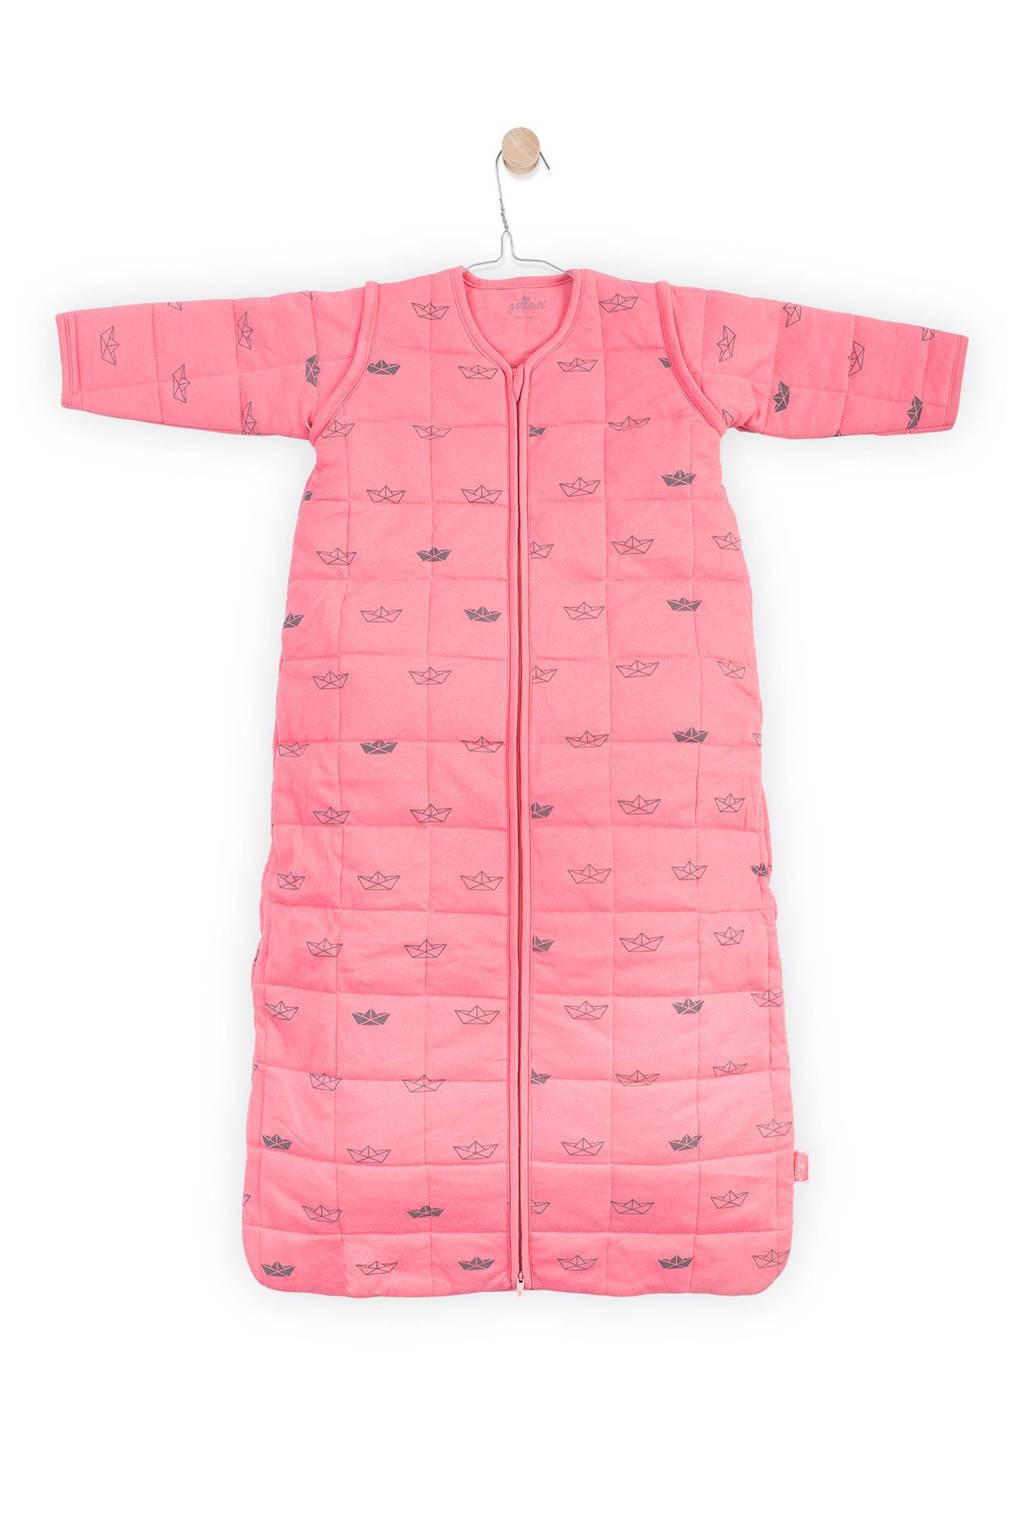 Jollein Little boats baby slaapzak 4-seizoenen 70 cm coral pink, Coral pink